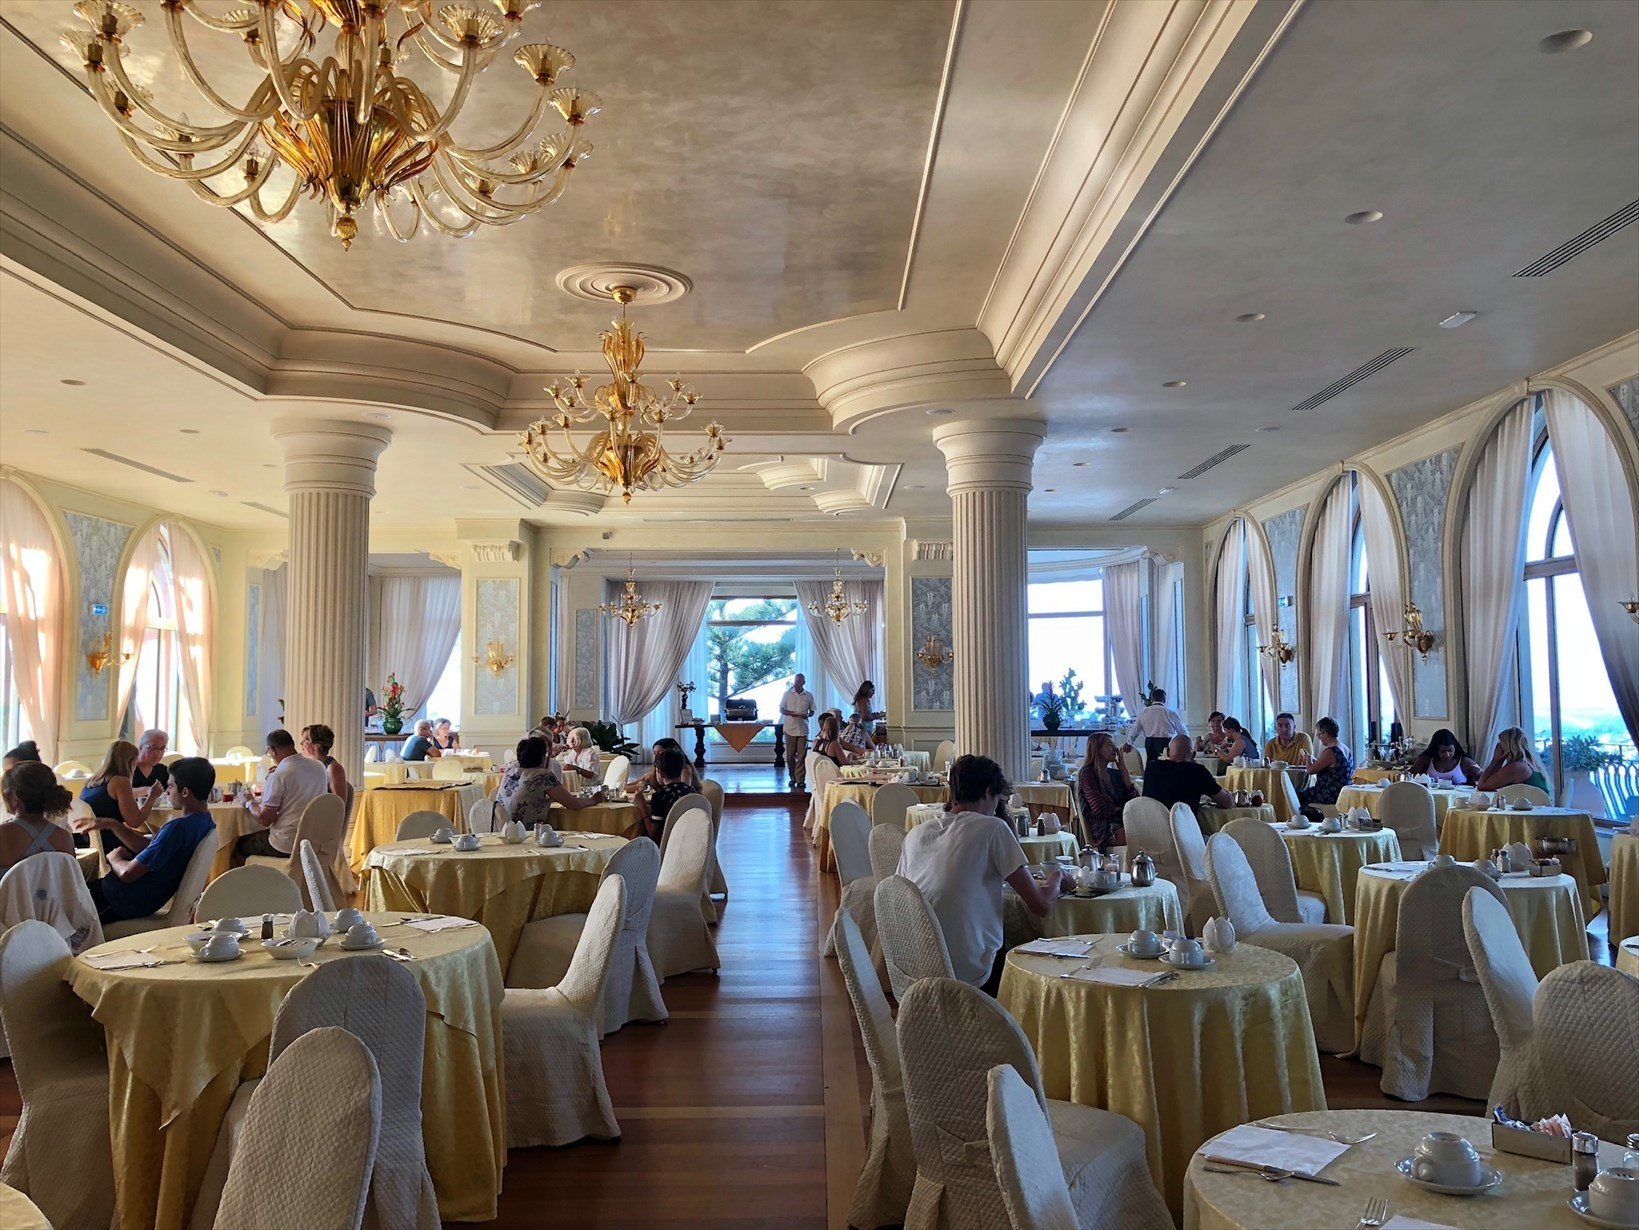 シチリア/41 タオルミーナのホテル Villa Diodoro_a0092659_18362203.jpg